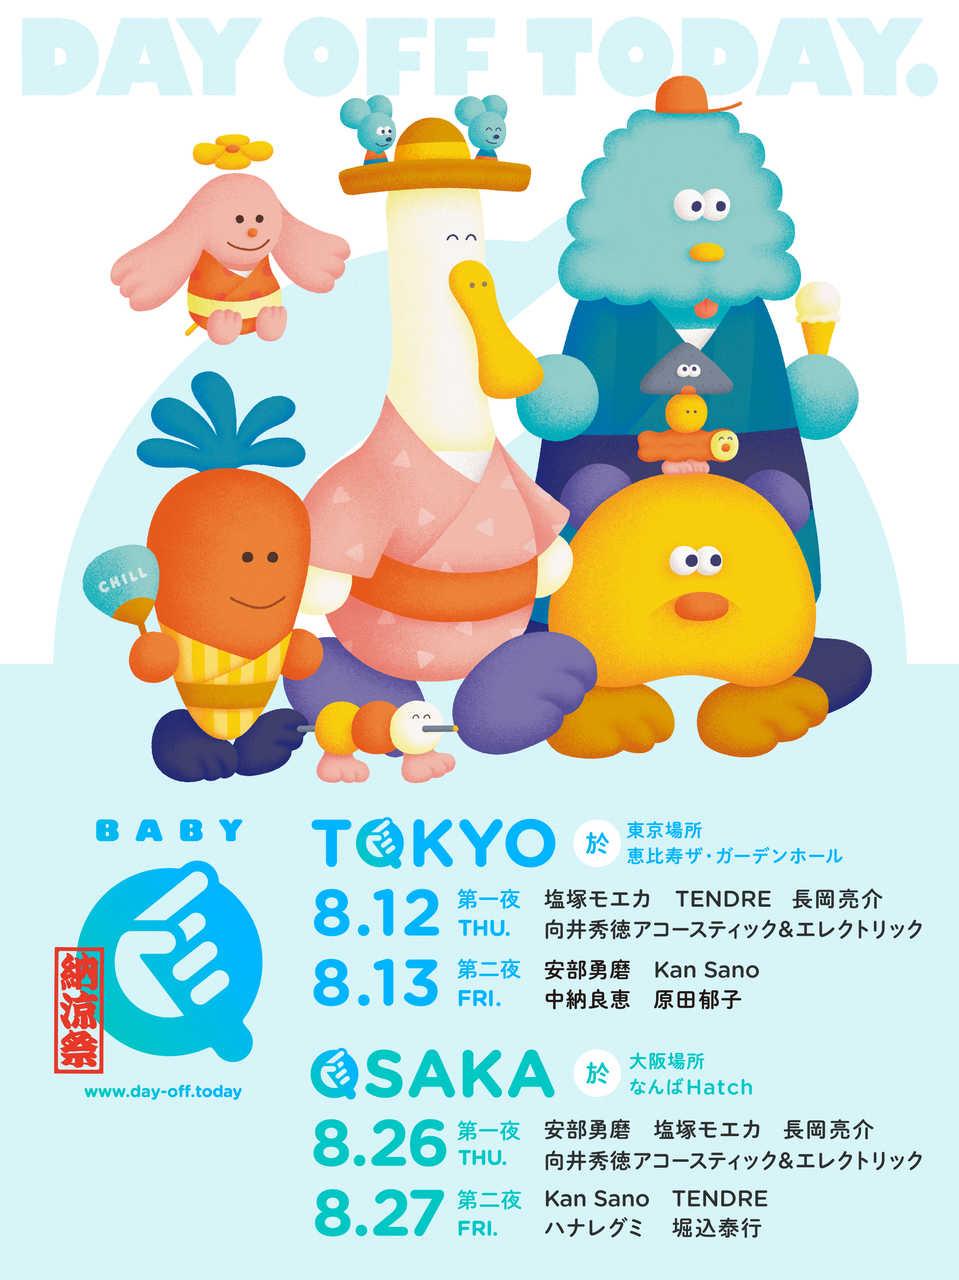 『BABY Q 納涼祭』フライヤー